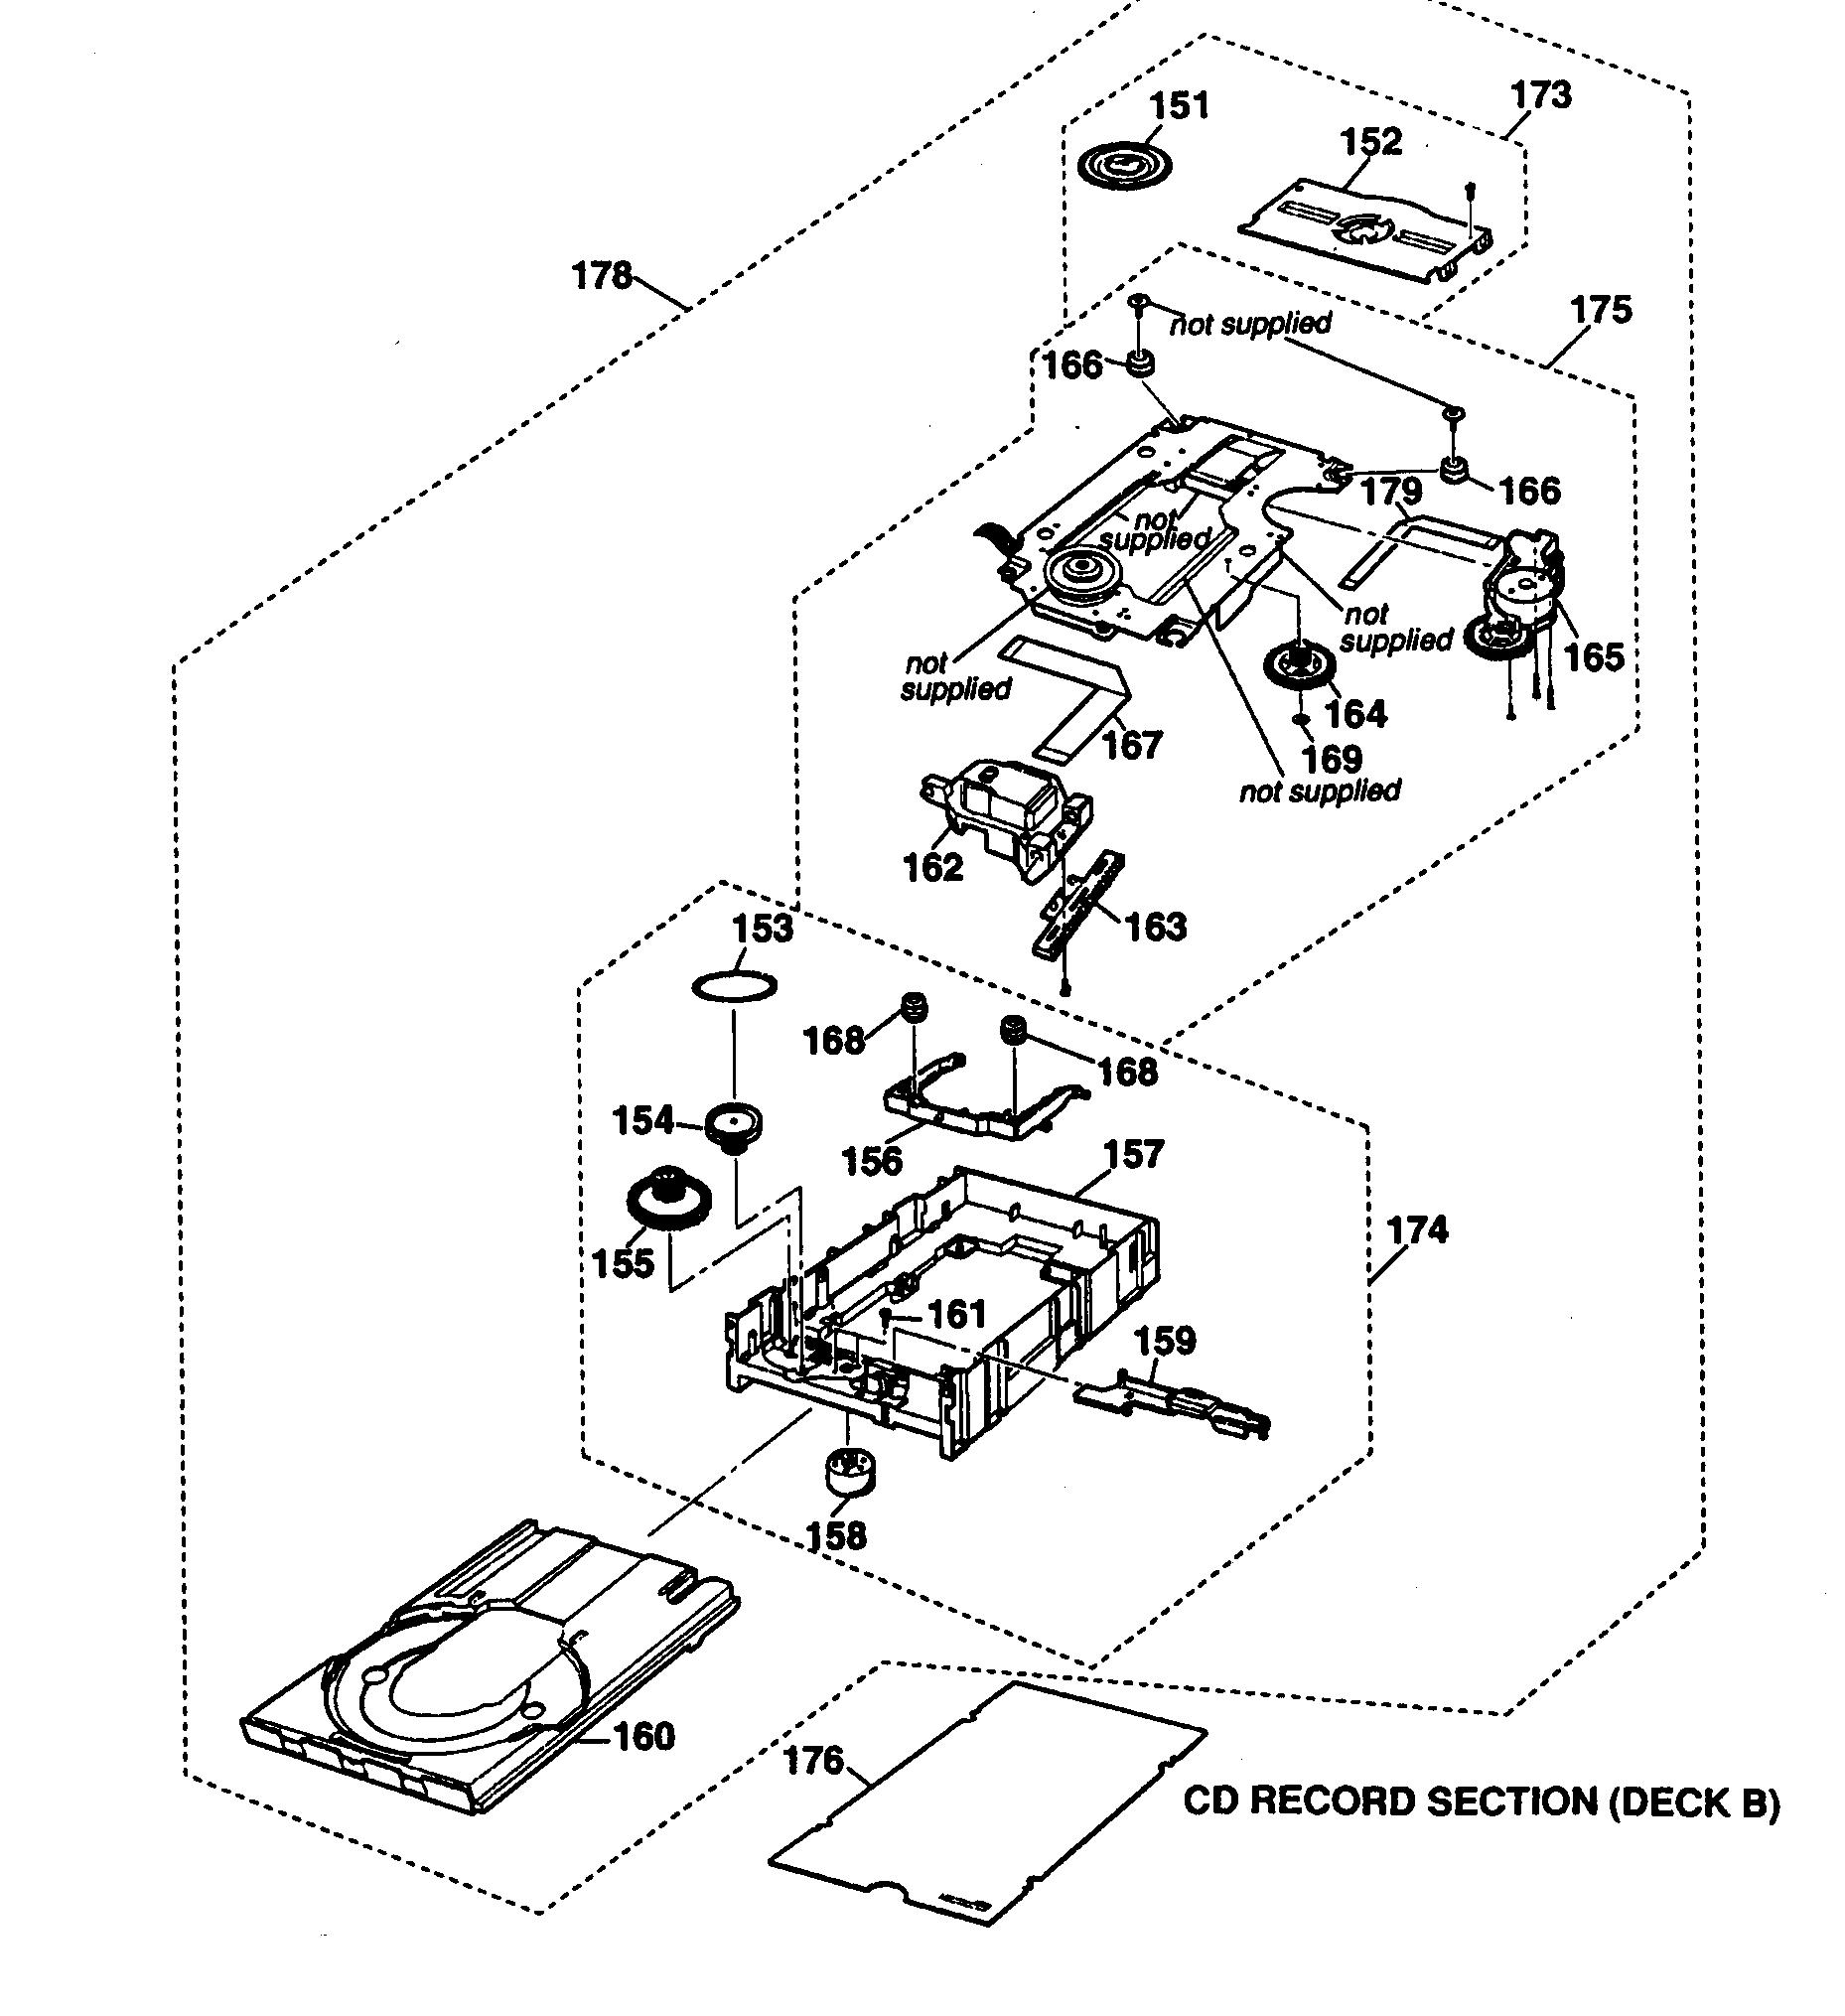 Sony Vaio Laptop Pcg